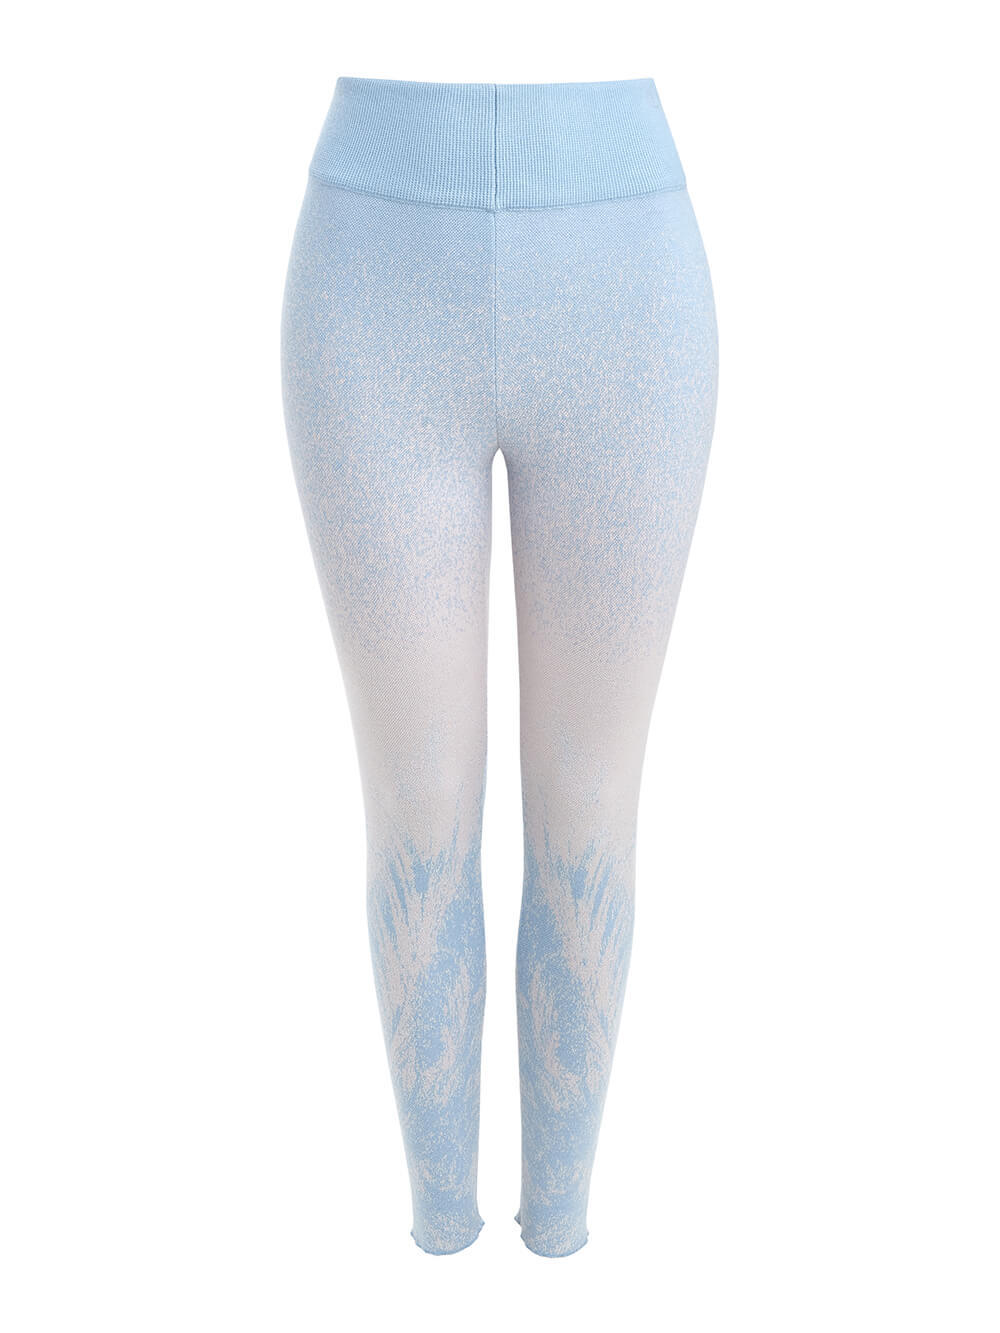 Женские брюки мультиколор из кашемира и вискозы - фото 1